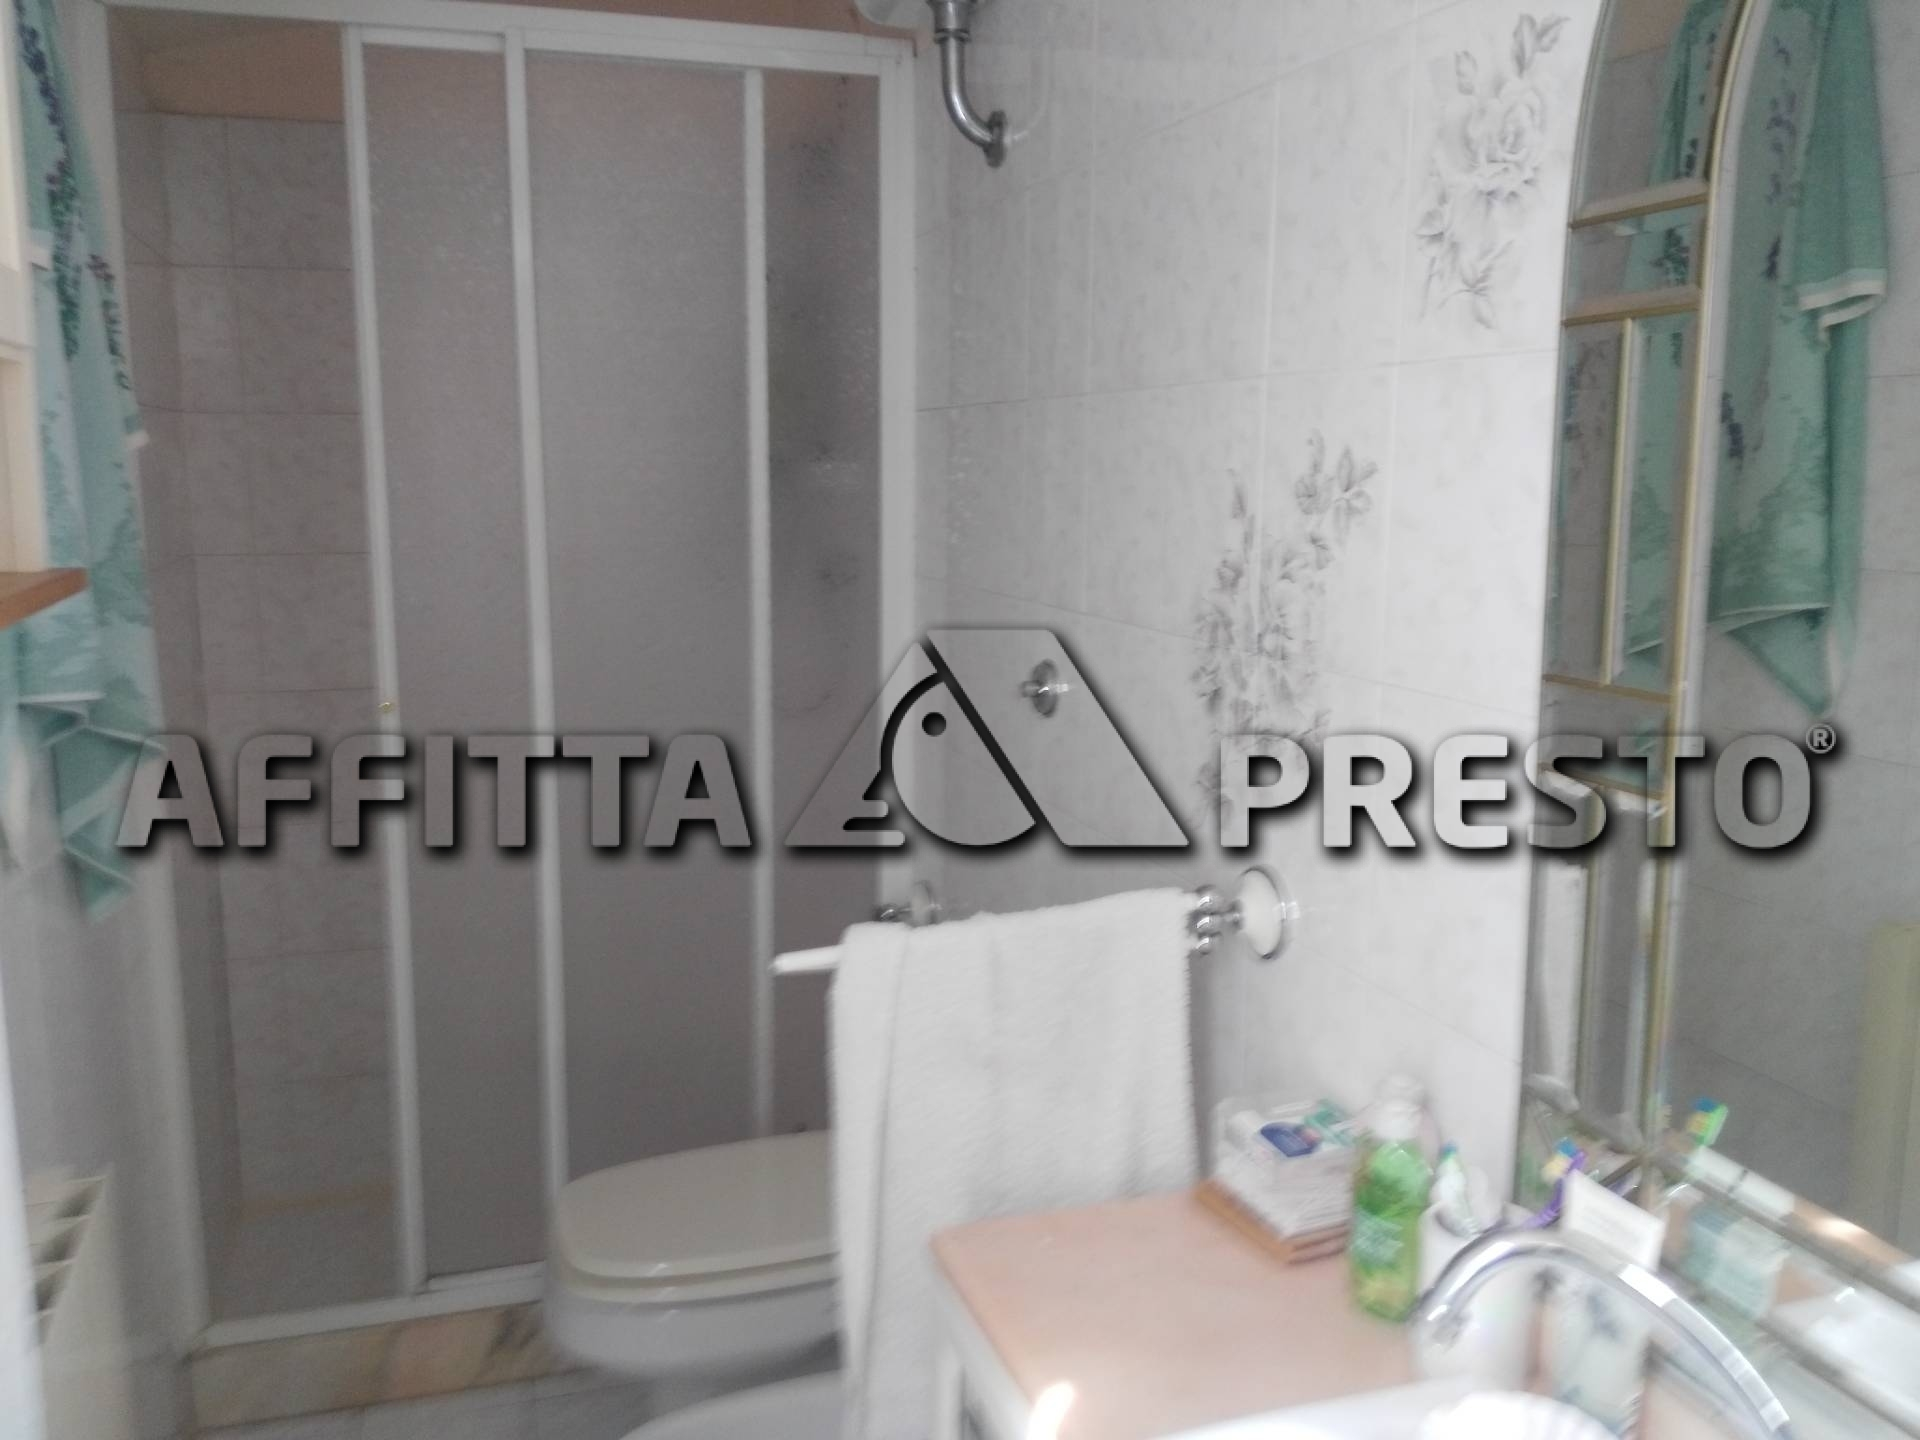 Appartamento in affitto - La Rotta, Pontedera